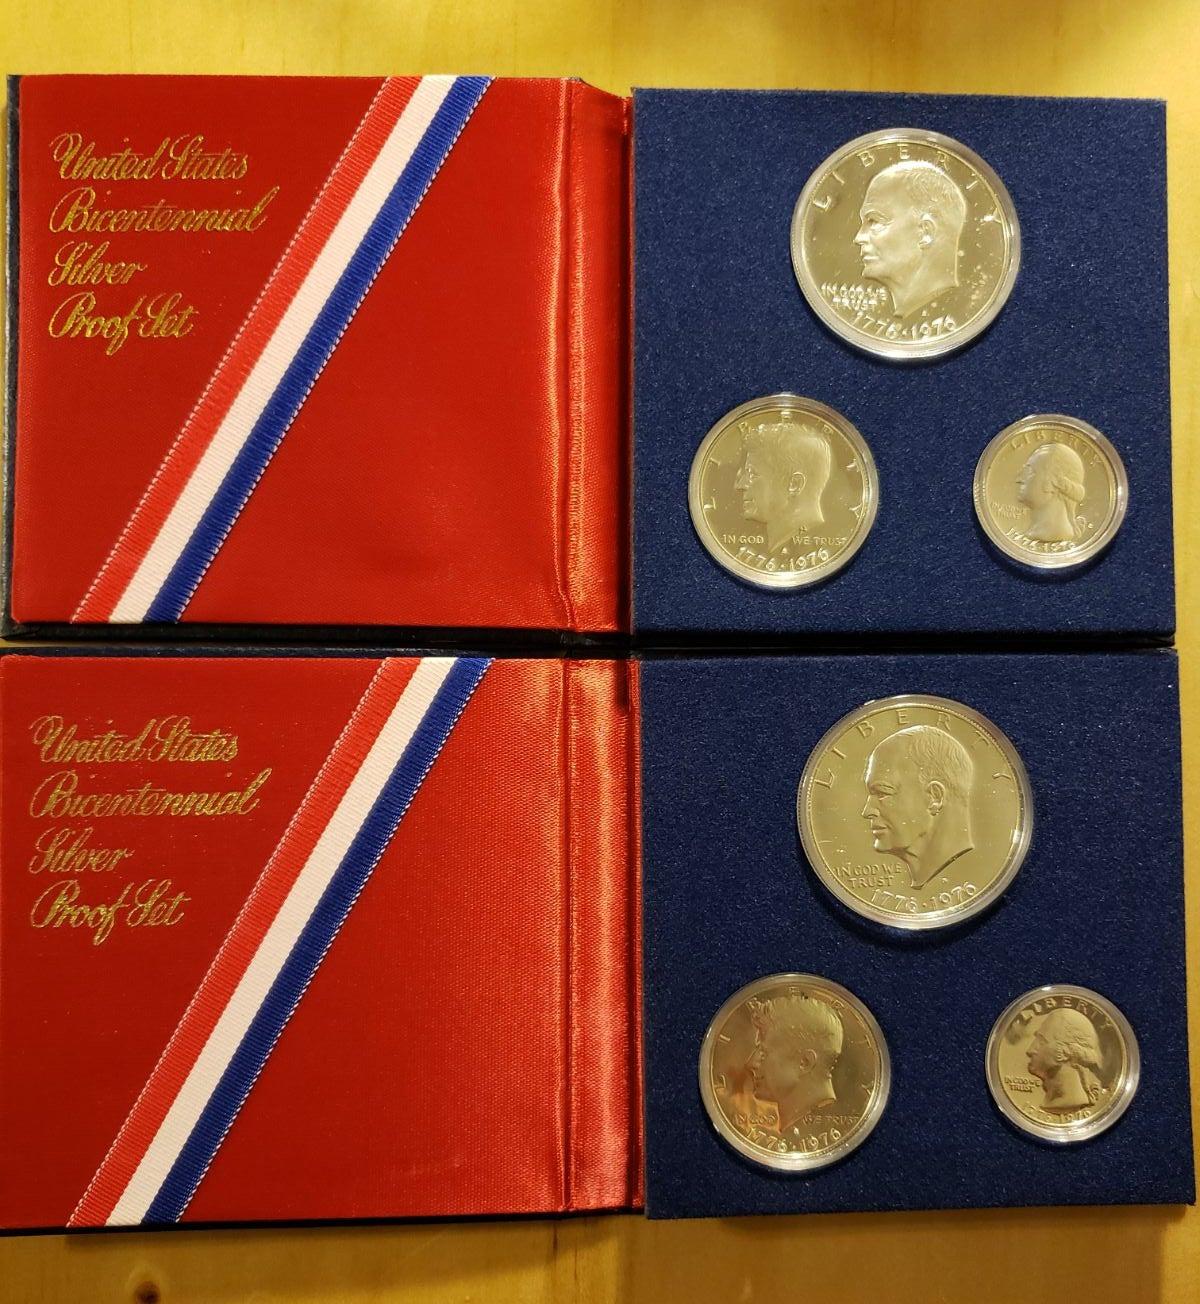 Bicentennial Silver Proof Sets